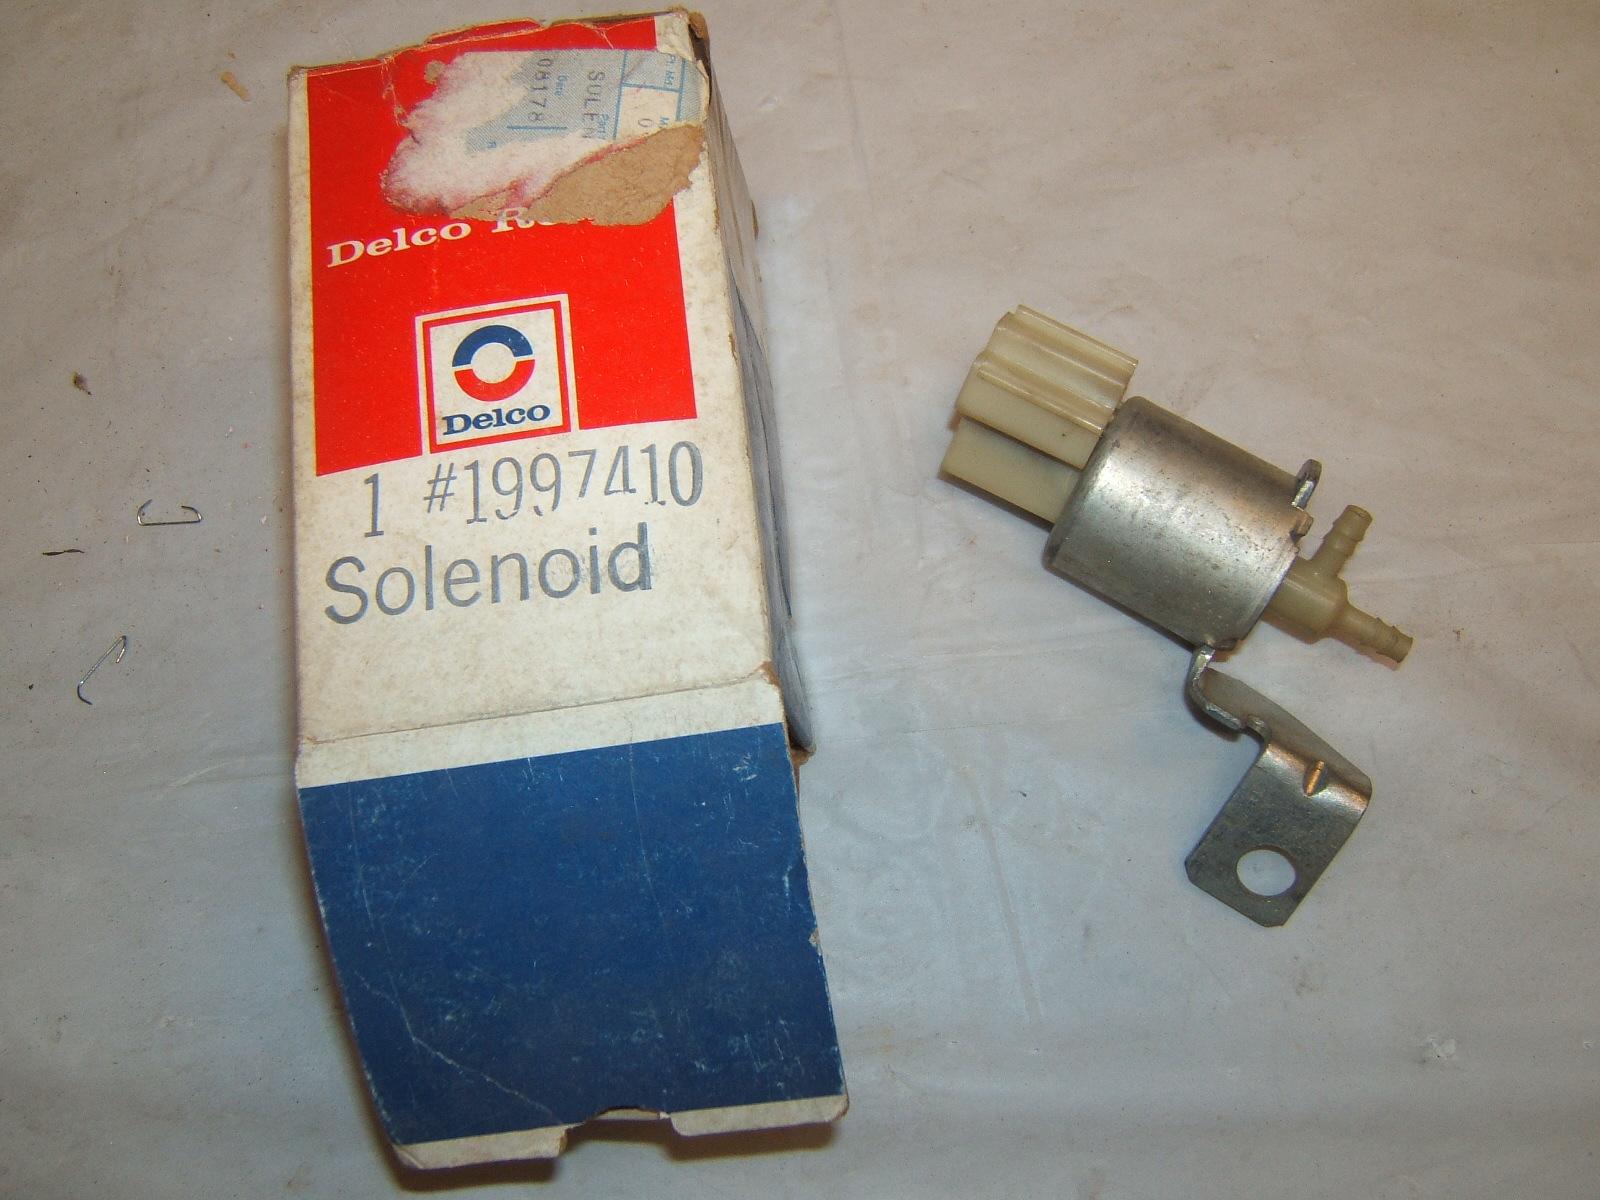 1973 1974 corvette camaro idle solenoid # 1997410 (a 1997410)